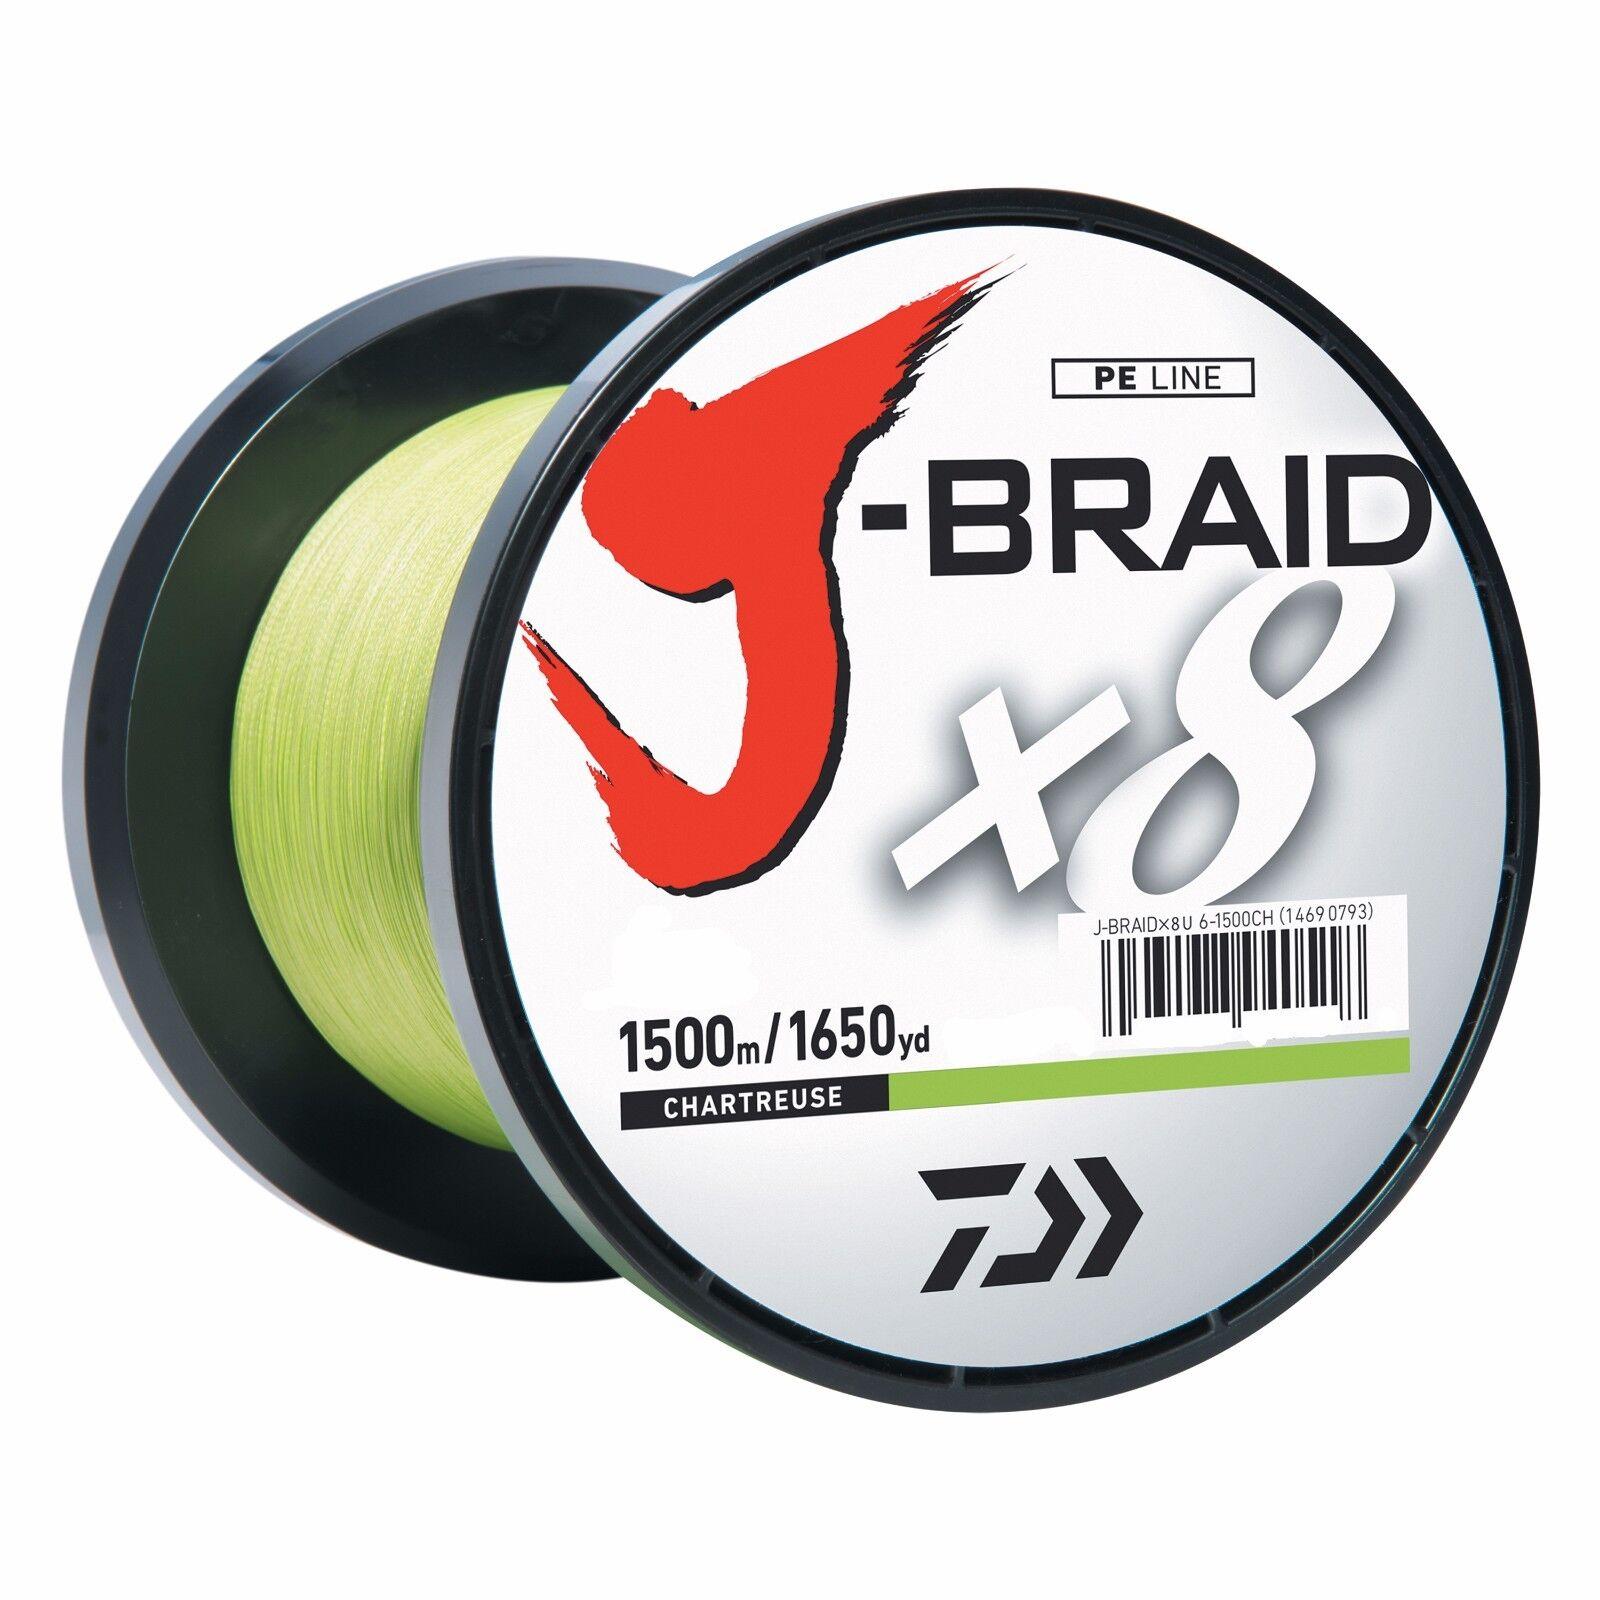 Daiwa J-BRAID Braided Braided Braided CHARTREUSE Line 40lb 1650yd 1500 Meter 40-1500CH 302b04